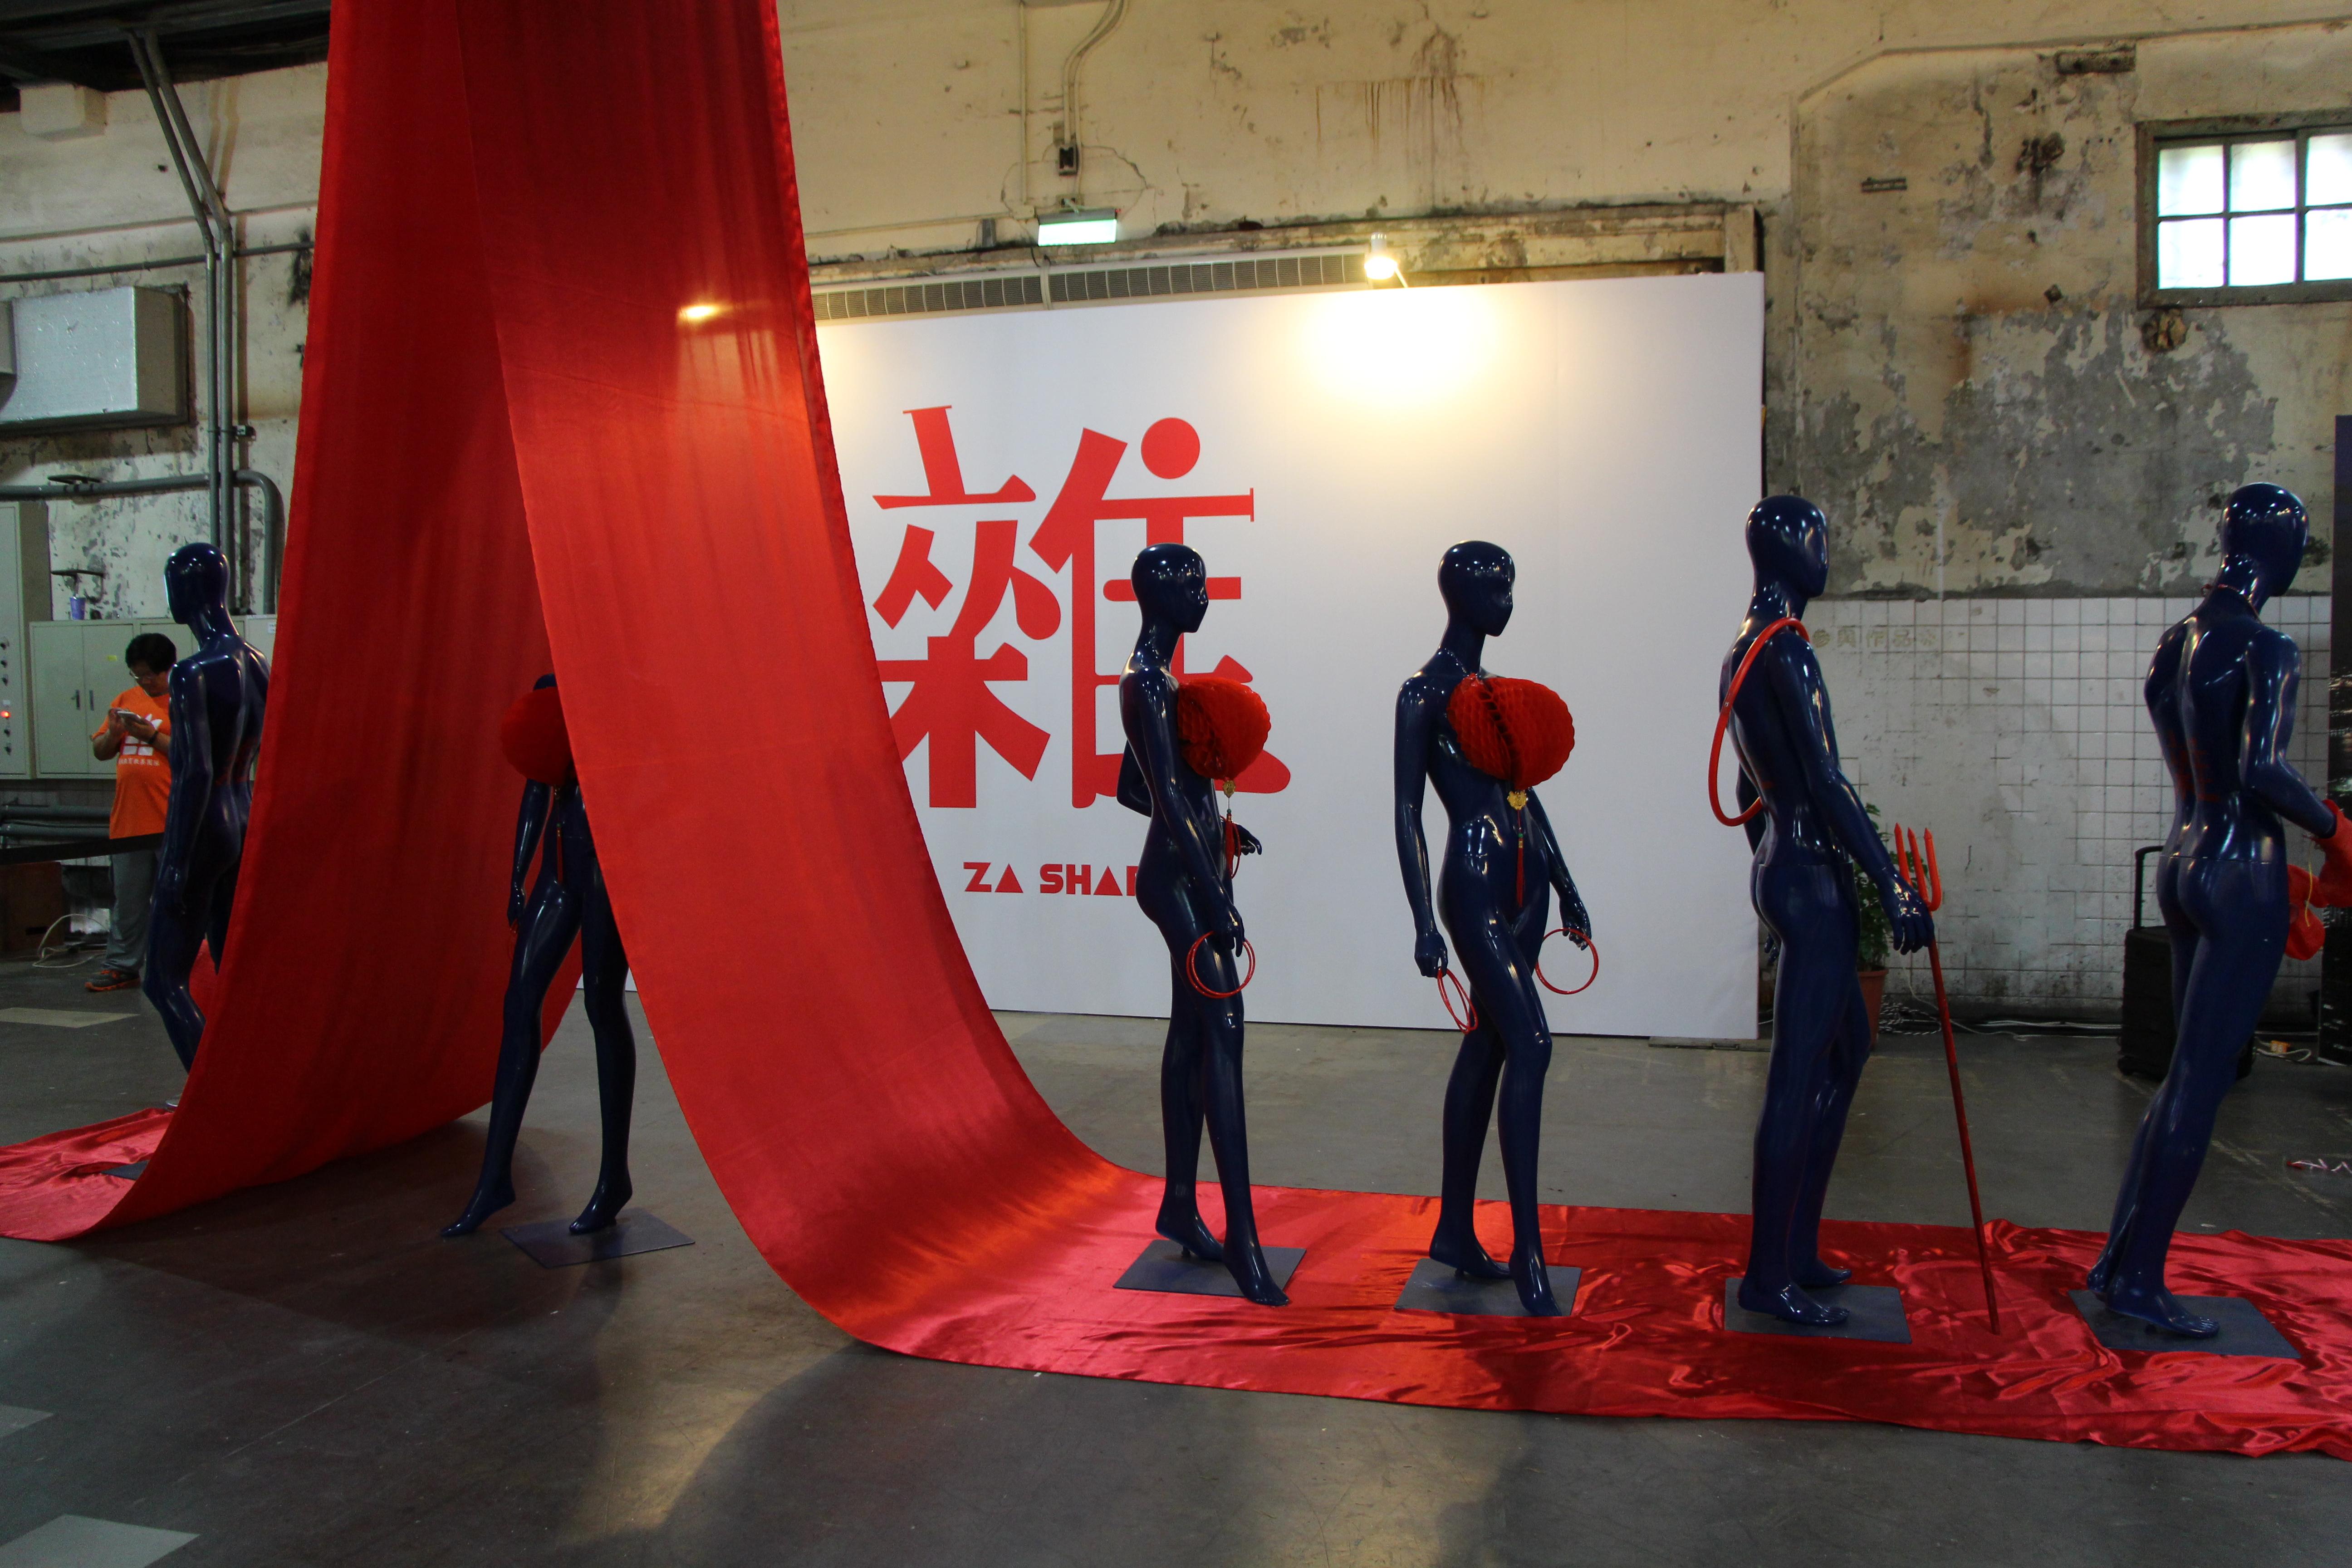 雜學校-一個由民間自主發起由下而上的社會創新策展,希望創新台灣教育思維。攝影/黃馨毅